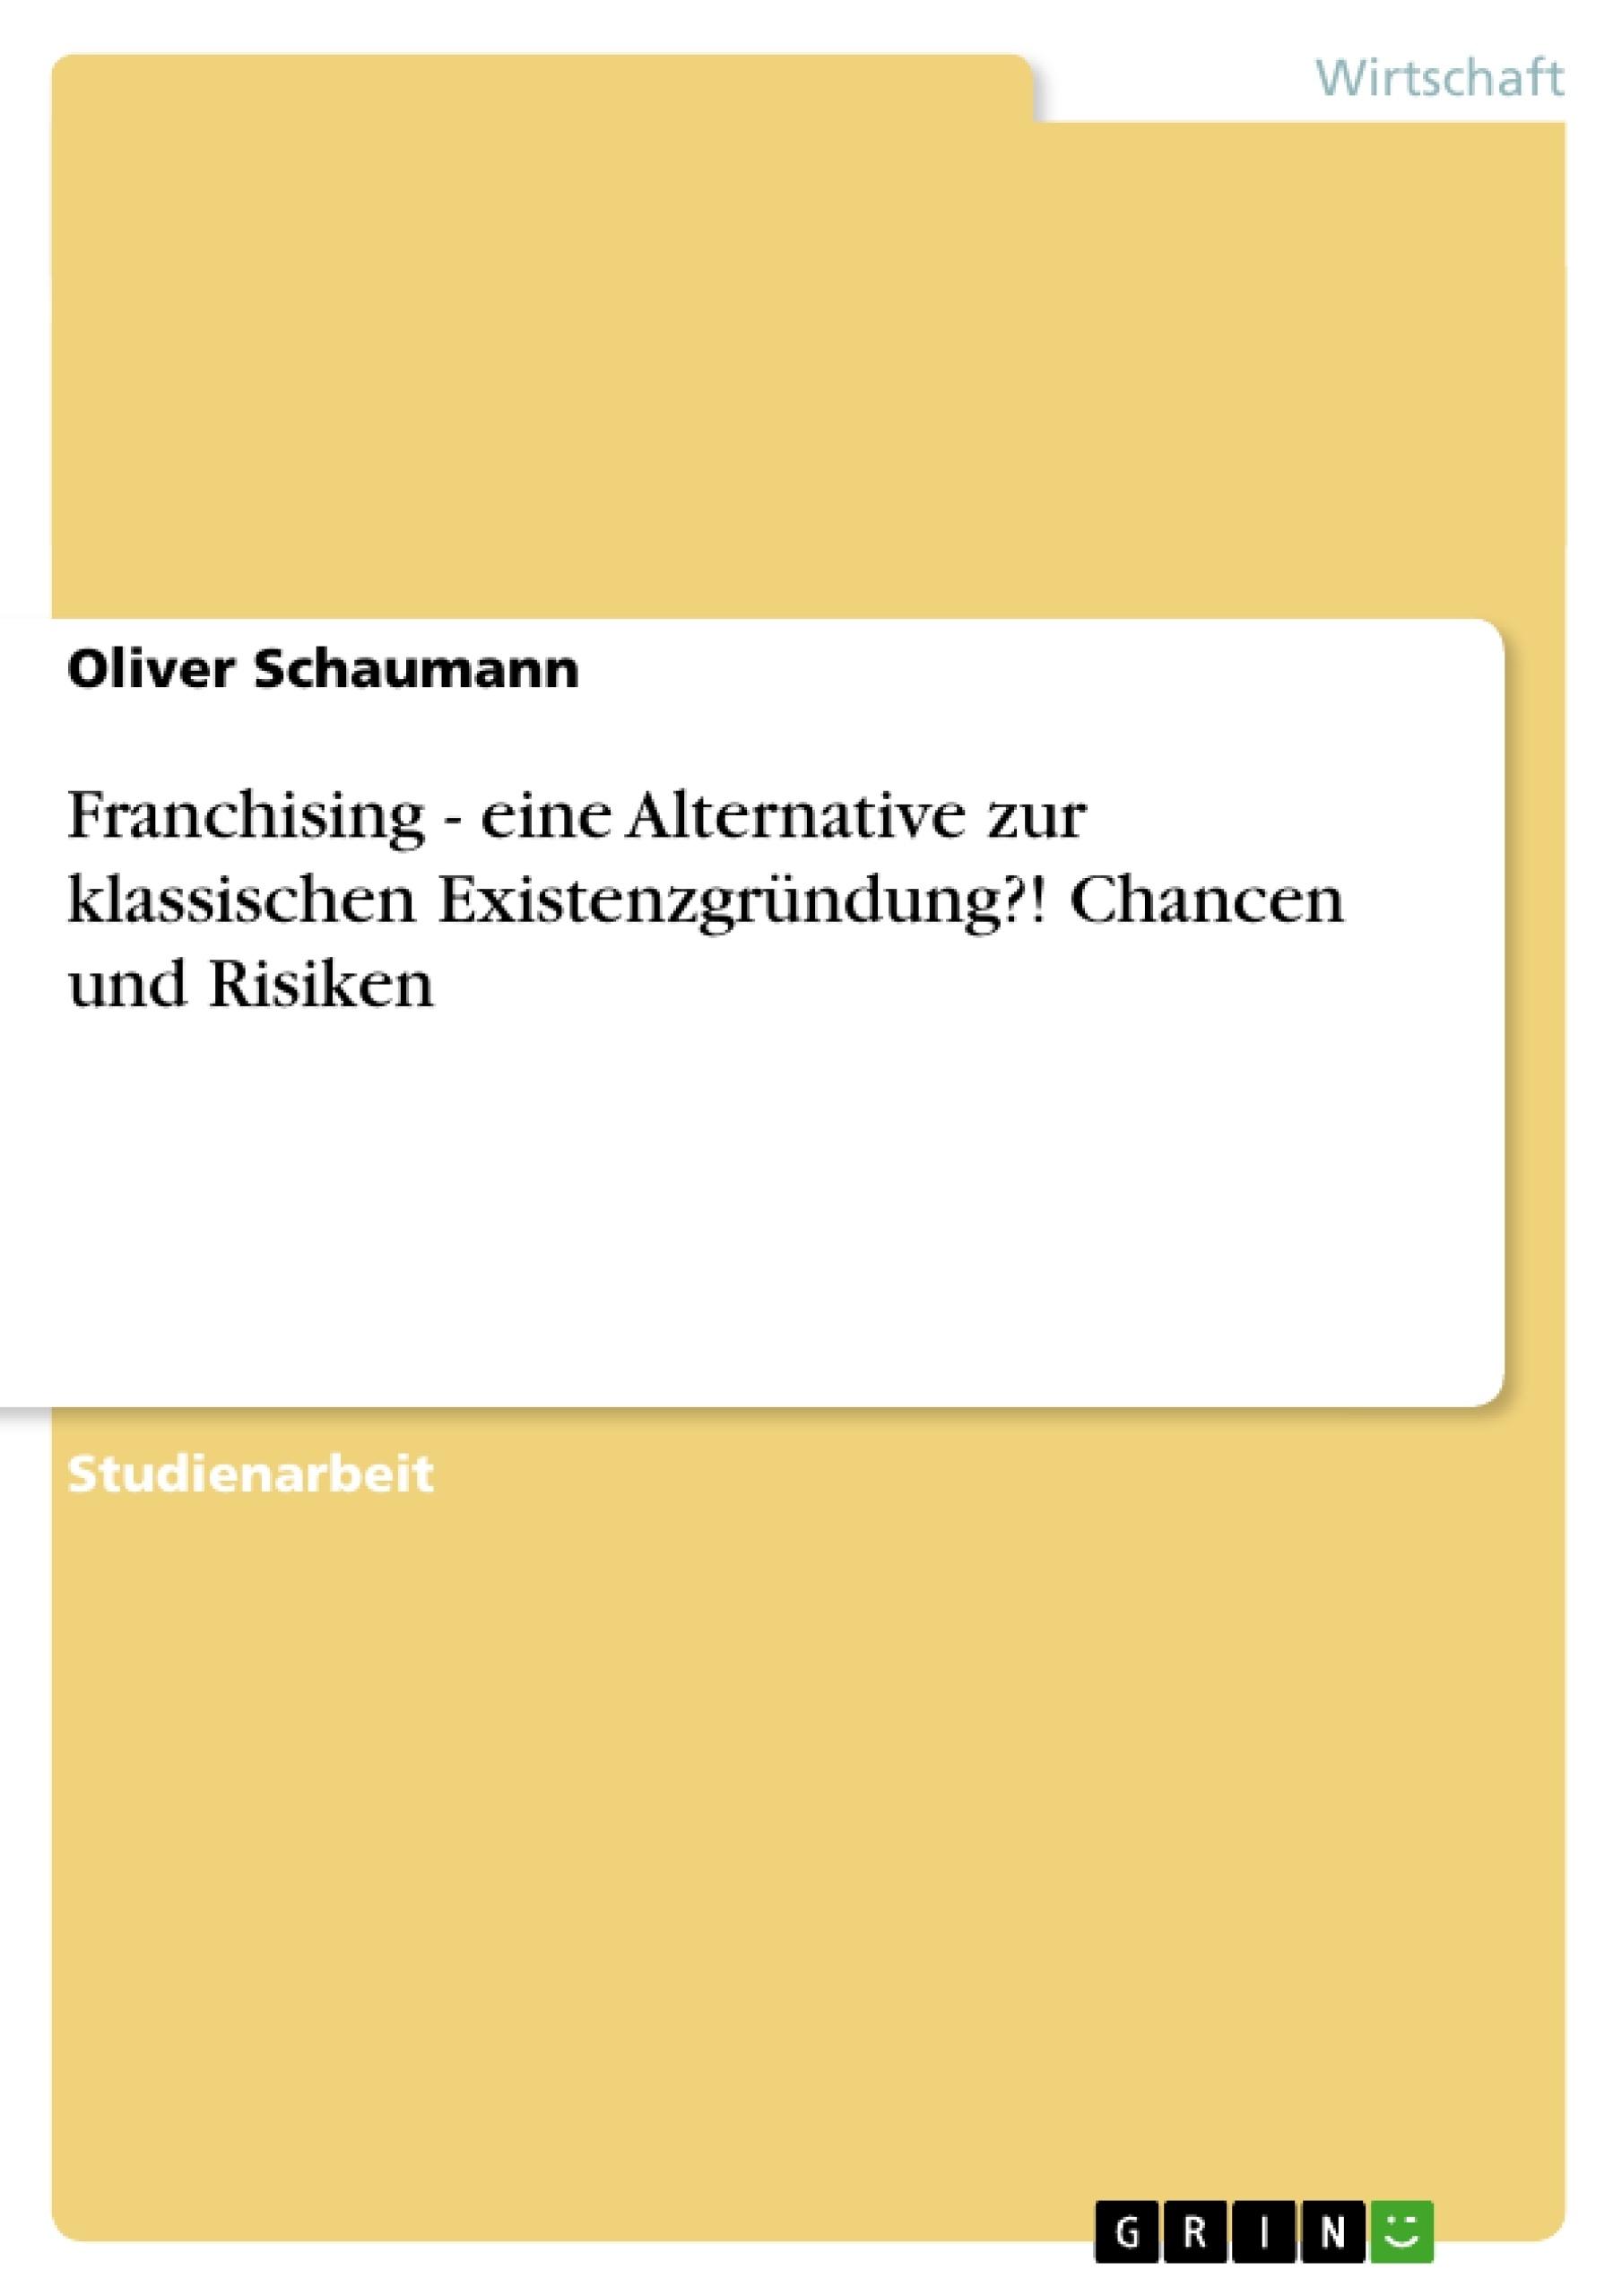 Titel: Franchising - eine Alternative zur klassischen Existenzgründung?! Chancen und Risiken